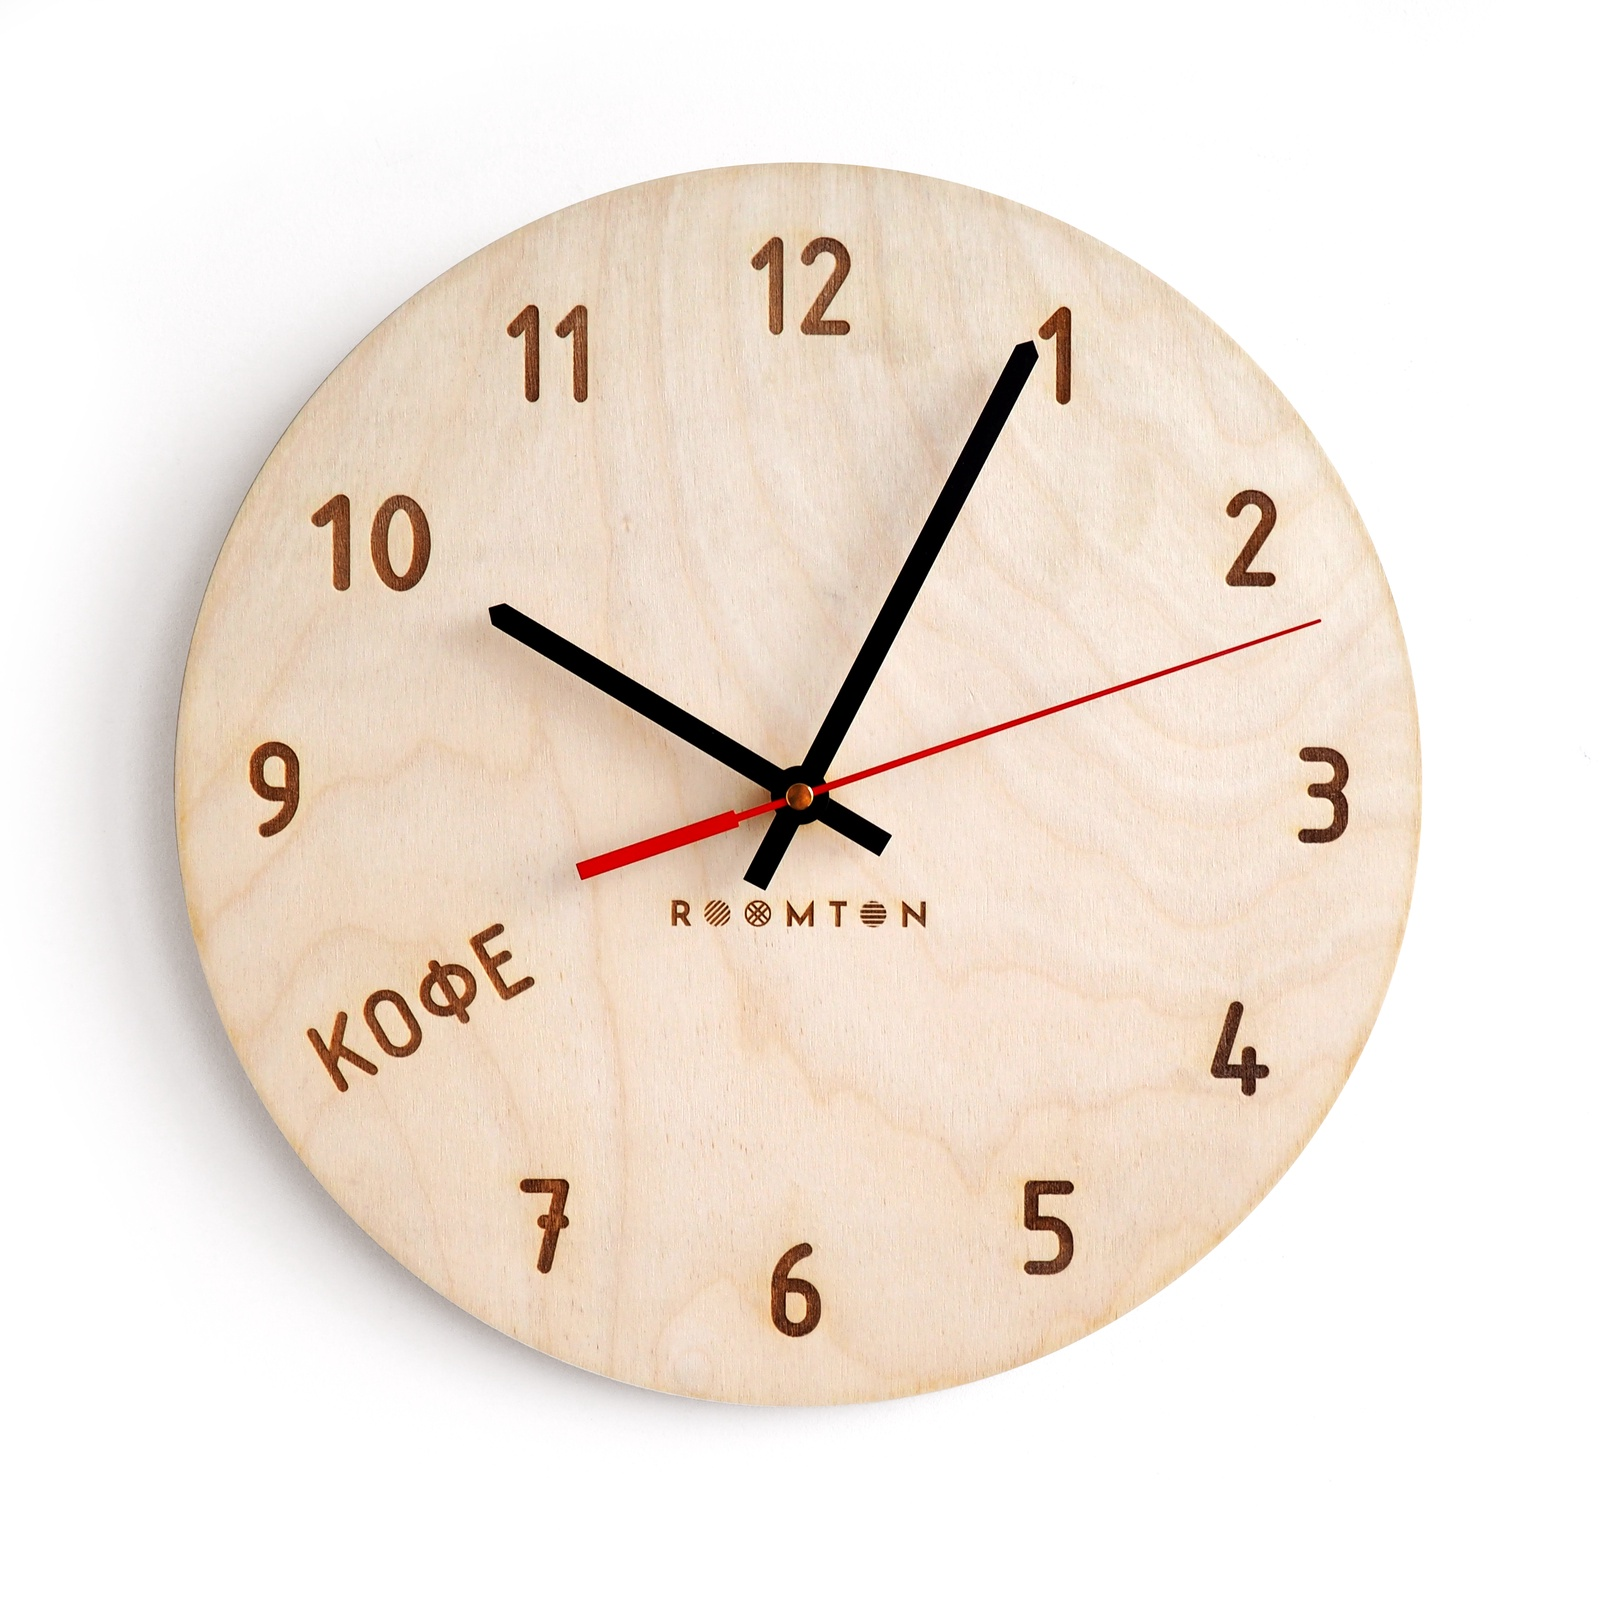 Настенные часы Roomton Кофебрейк, с цифрами, 35х35см, береза